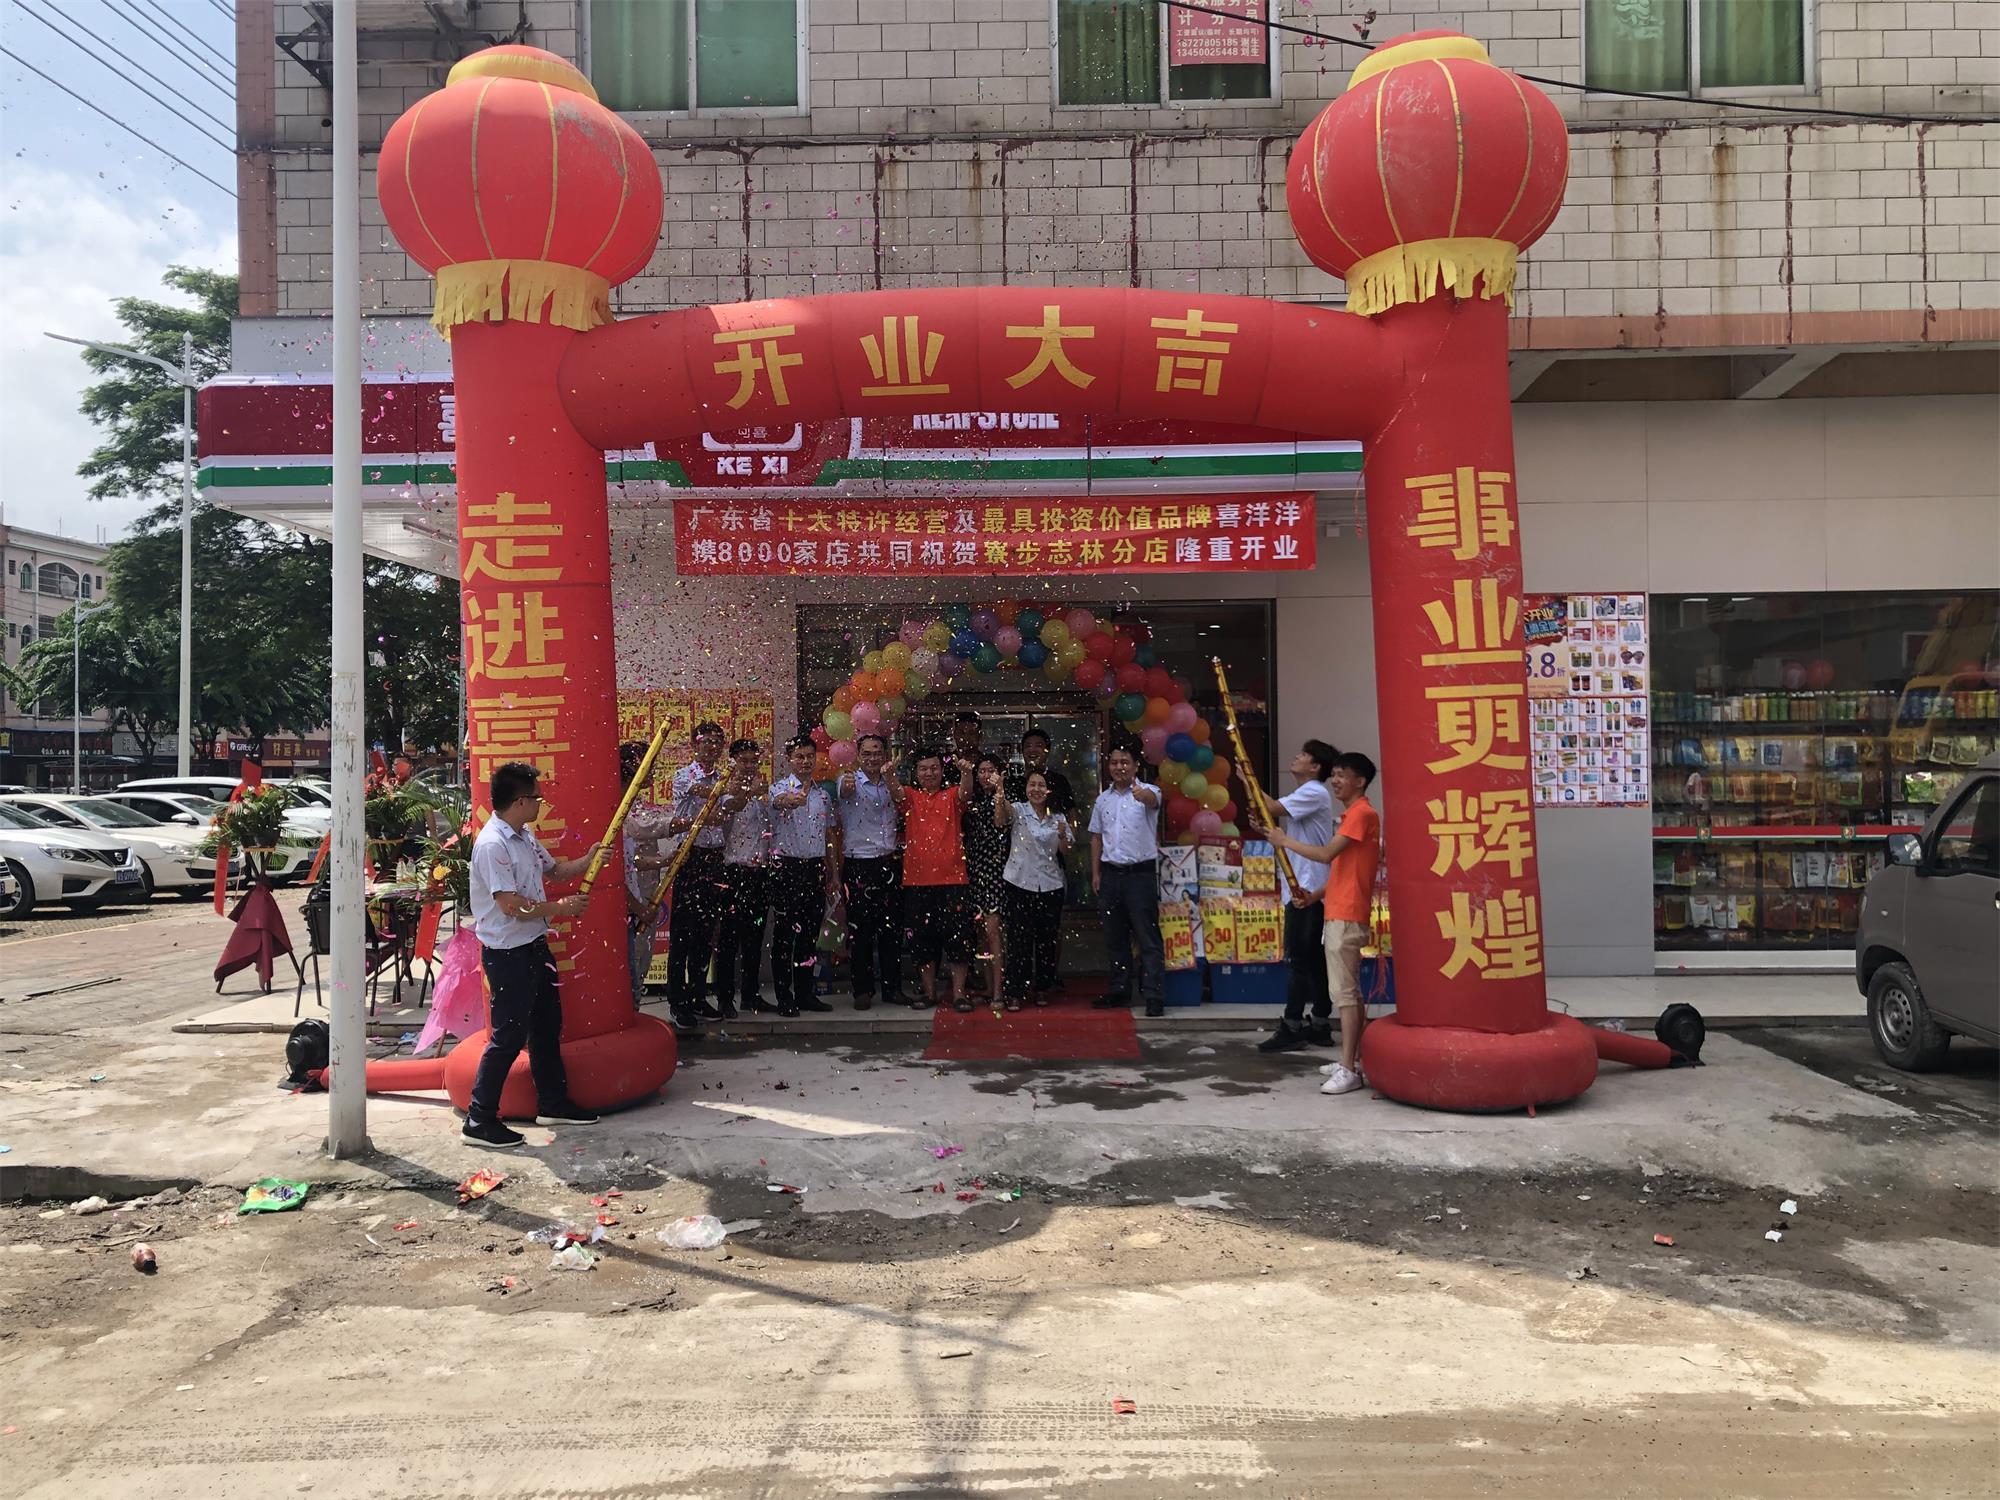 喜洋洋便利店寮步志林分店7月13日隆重开业